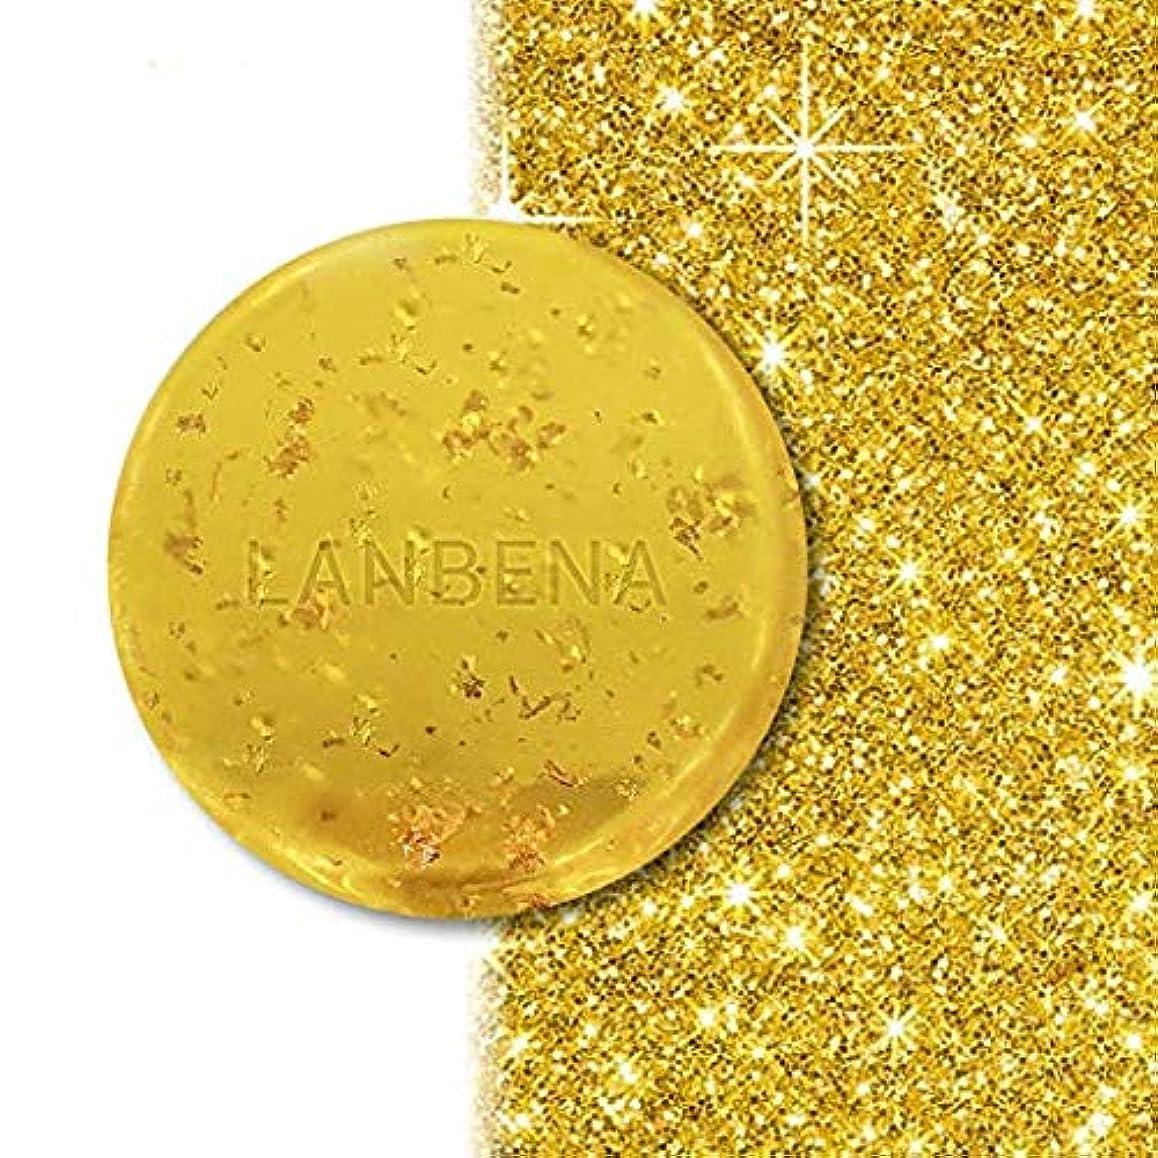 未亡人ジャンクション制限24Kゴールドハンドメイドハーブソープ海藻ディープクレンジングモイスチャライジング肌の美白、しわの発生を最小限に抑える、肌の色合いを引き締める、健康なシャンプー、ファインラインフェイスケア24K Gold Handmade...